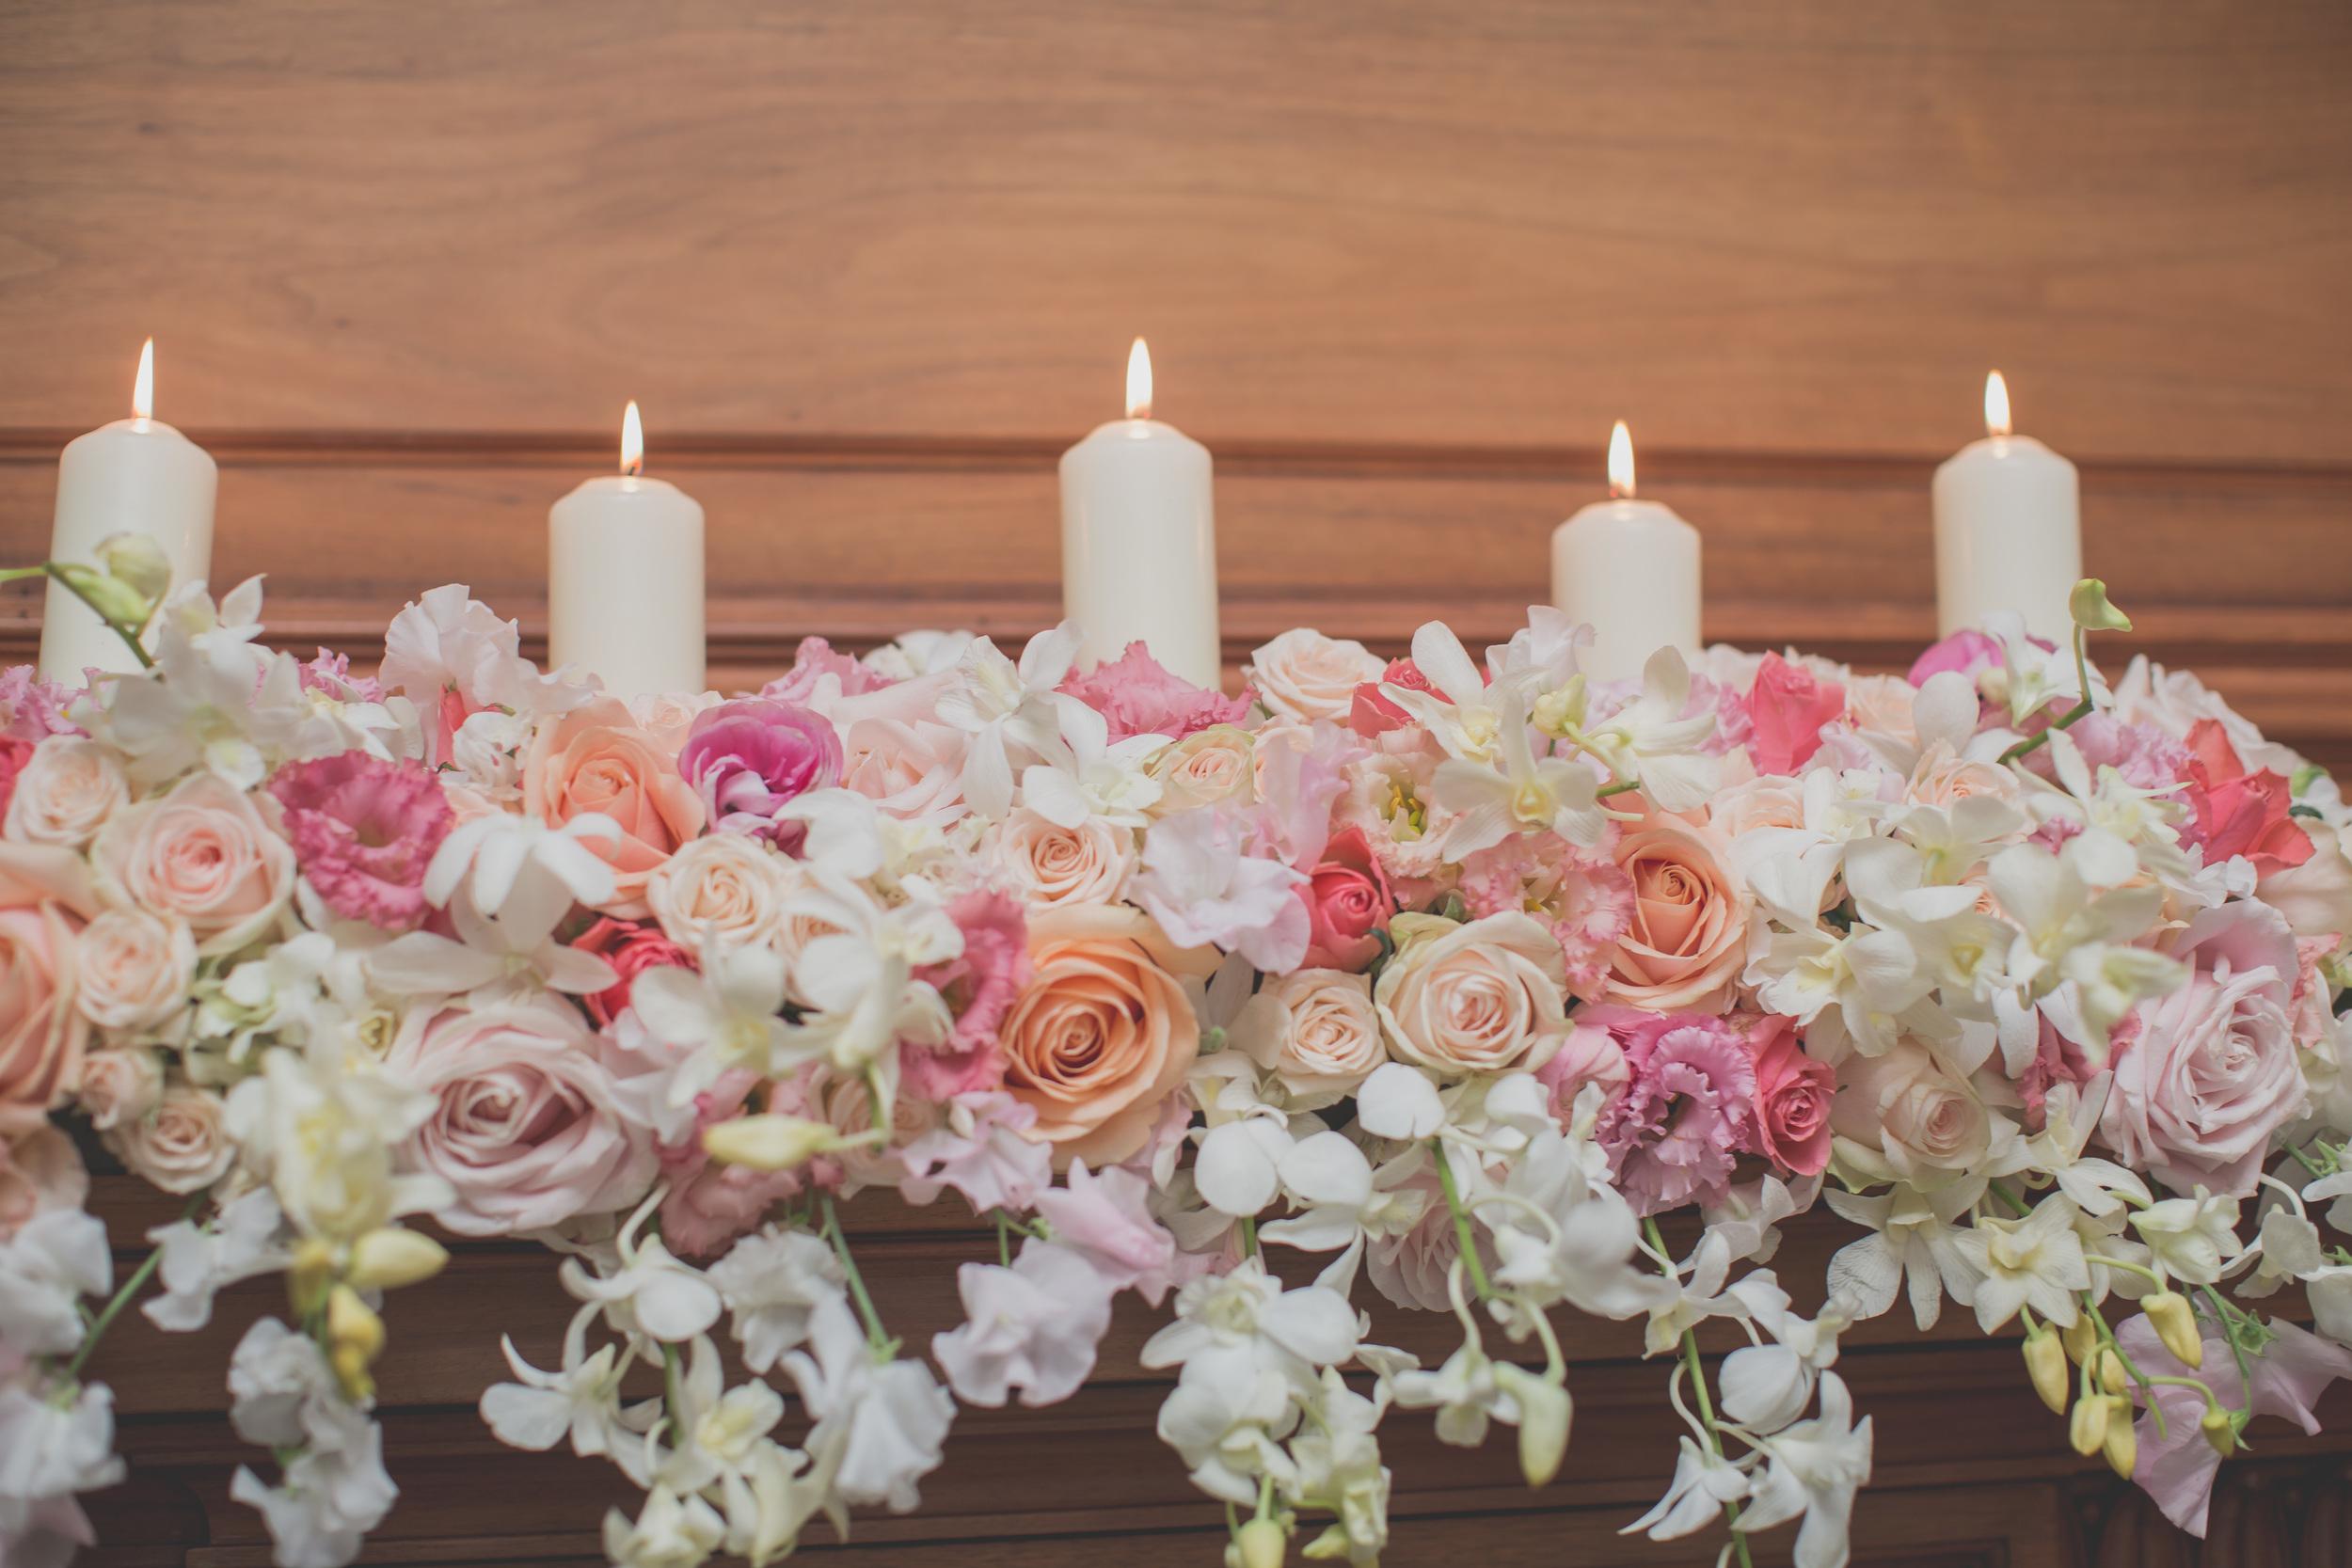 Stunning florals